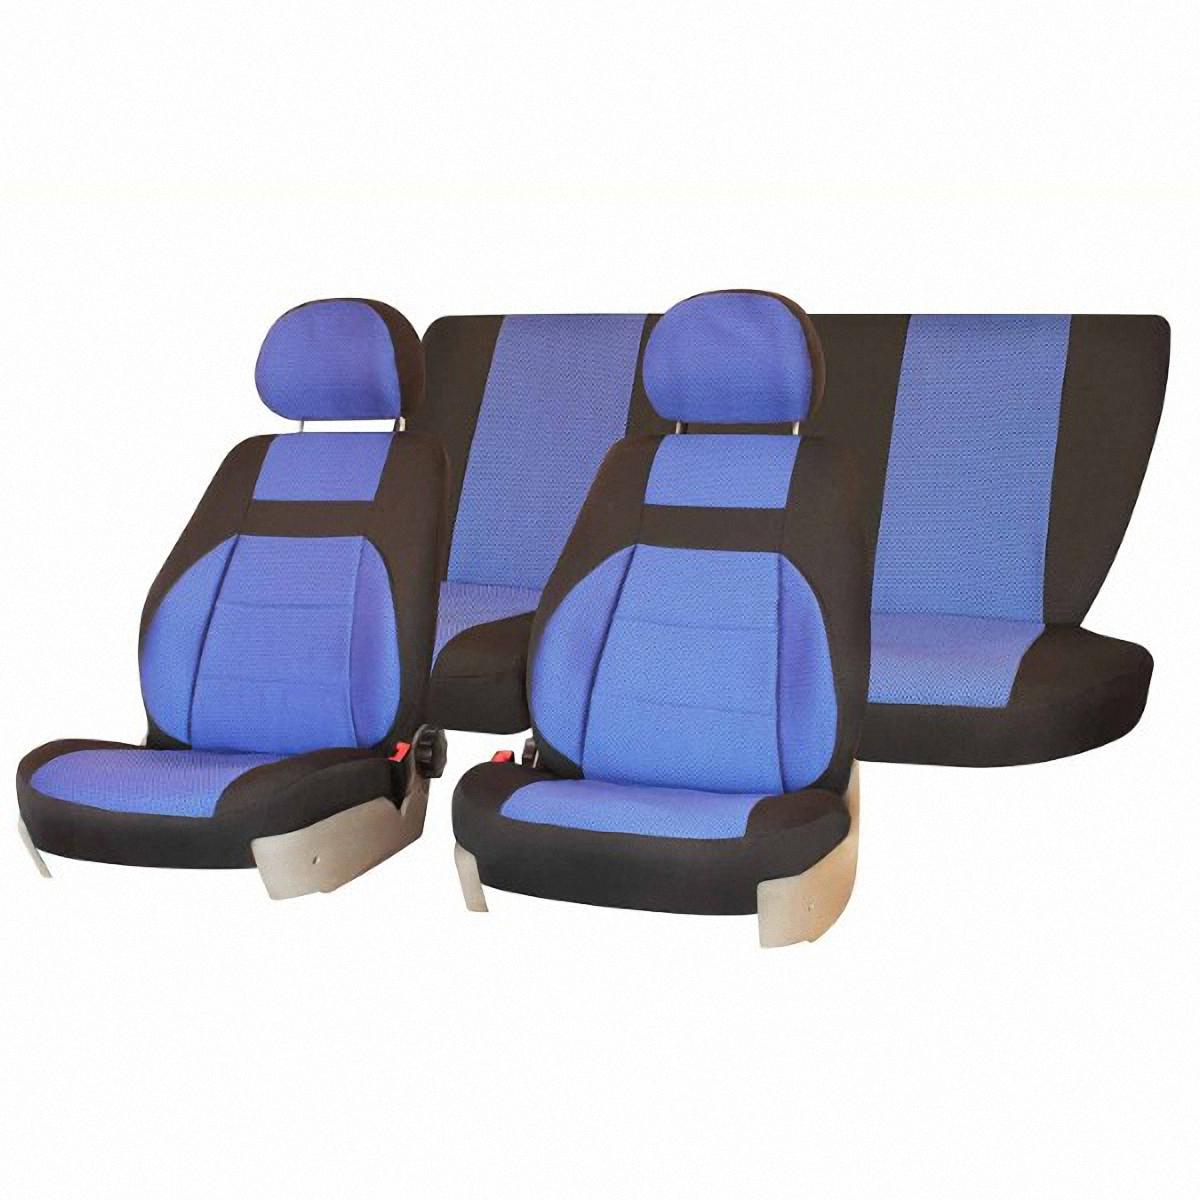 Чехлы автомобильные Skyway, для ВАЗ-2107, цвет: синий, черныйXTR-803 BK/BK (M)Автомобильные чехлы Skyway изготовлены из качественного жаккарда. Чехлы идеально повторяют штатную форму сидений и выглядят как оригинальная обивка сидений. Разработаны индивидуально для каждой модели автомобиля. Авточехлы Skyway просты в уходе - загрязнения легко удаляются влажной тканью. Чехлы имеют раздельную схему надевания. В комплекте 6 предметов.